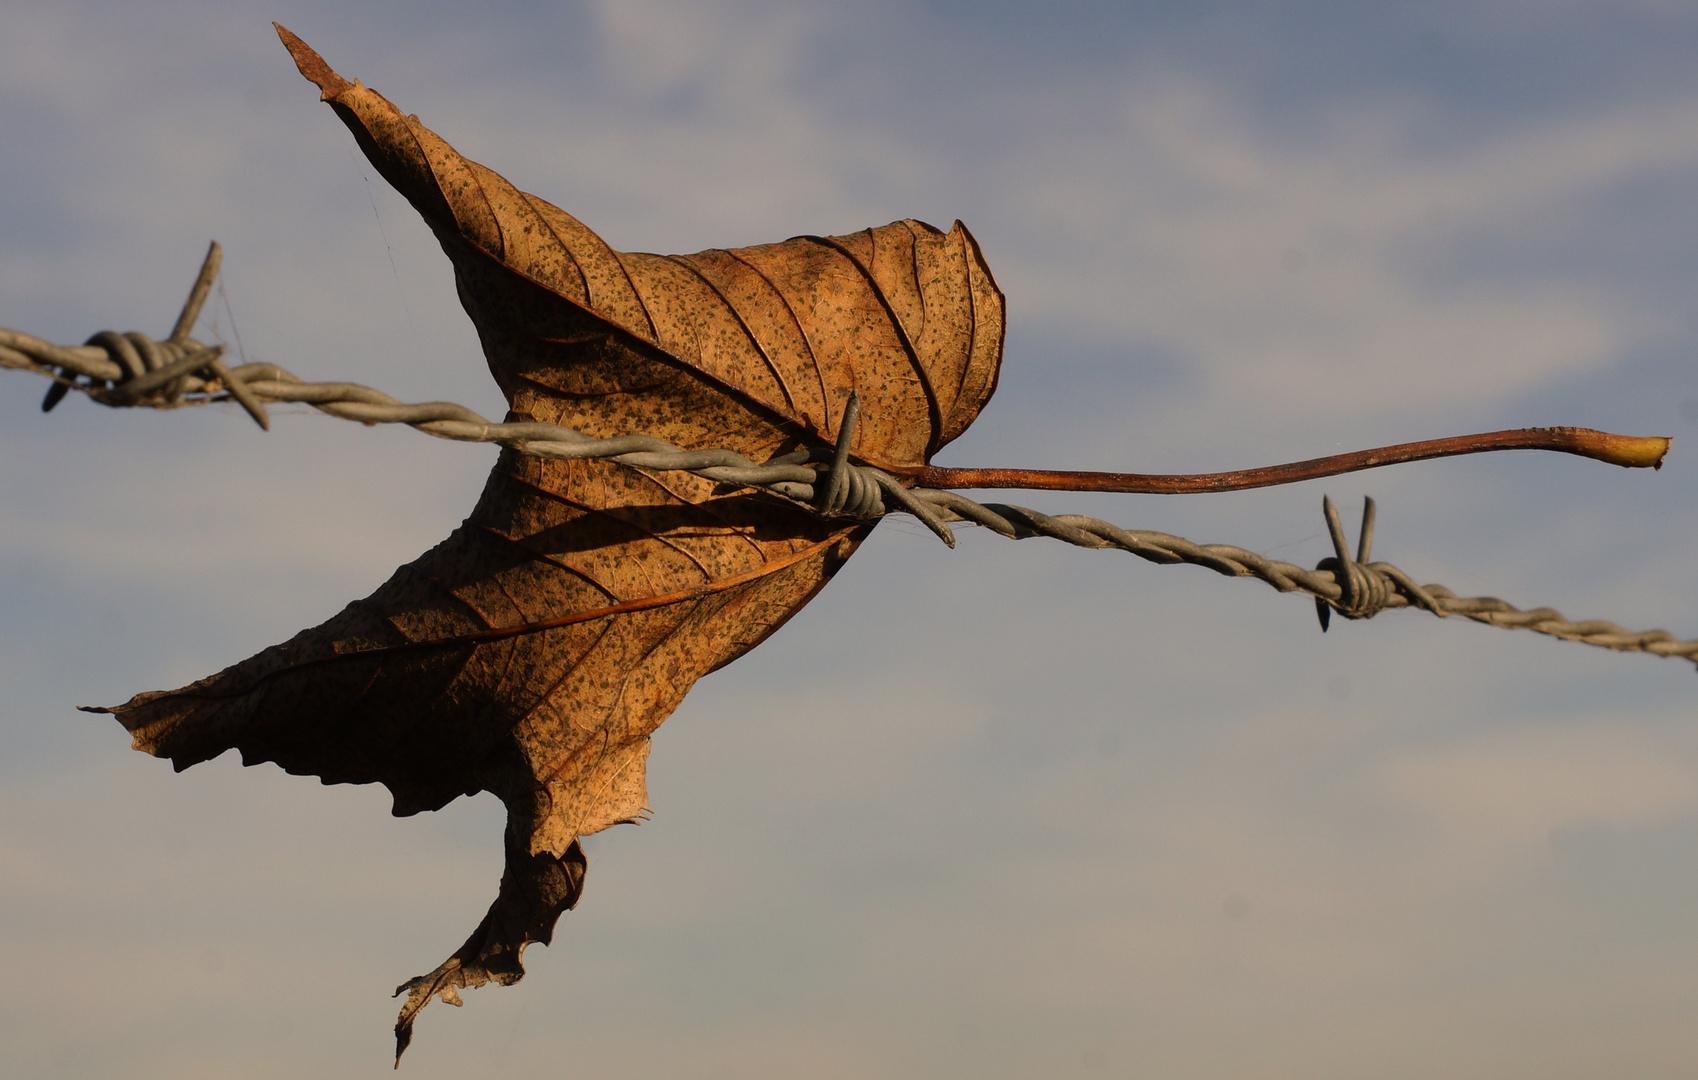 Blatterzaun Foto Bild Jahreszeiten Herbst Natur Bilder Auf